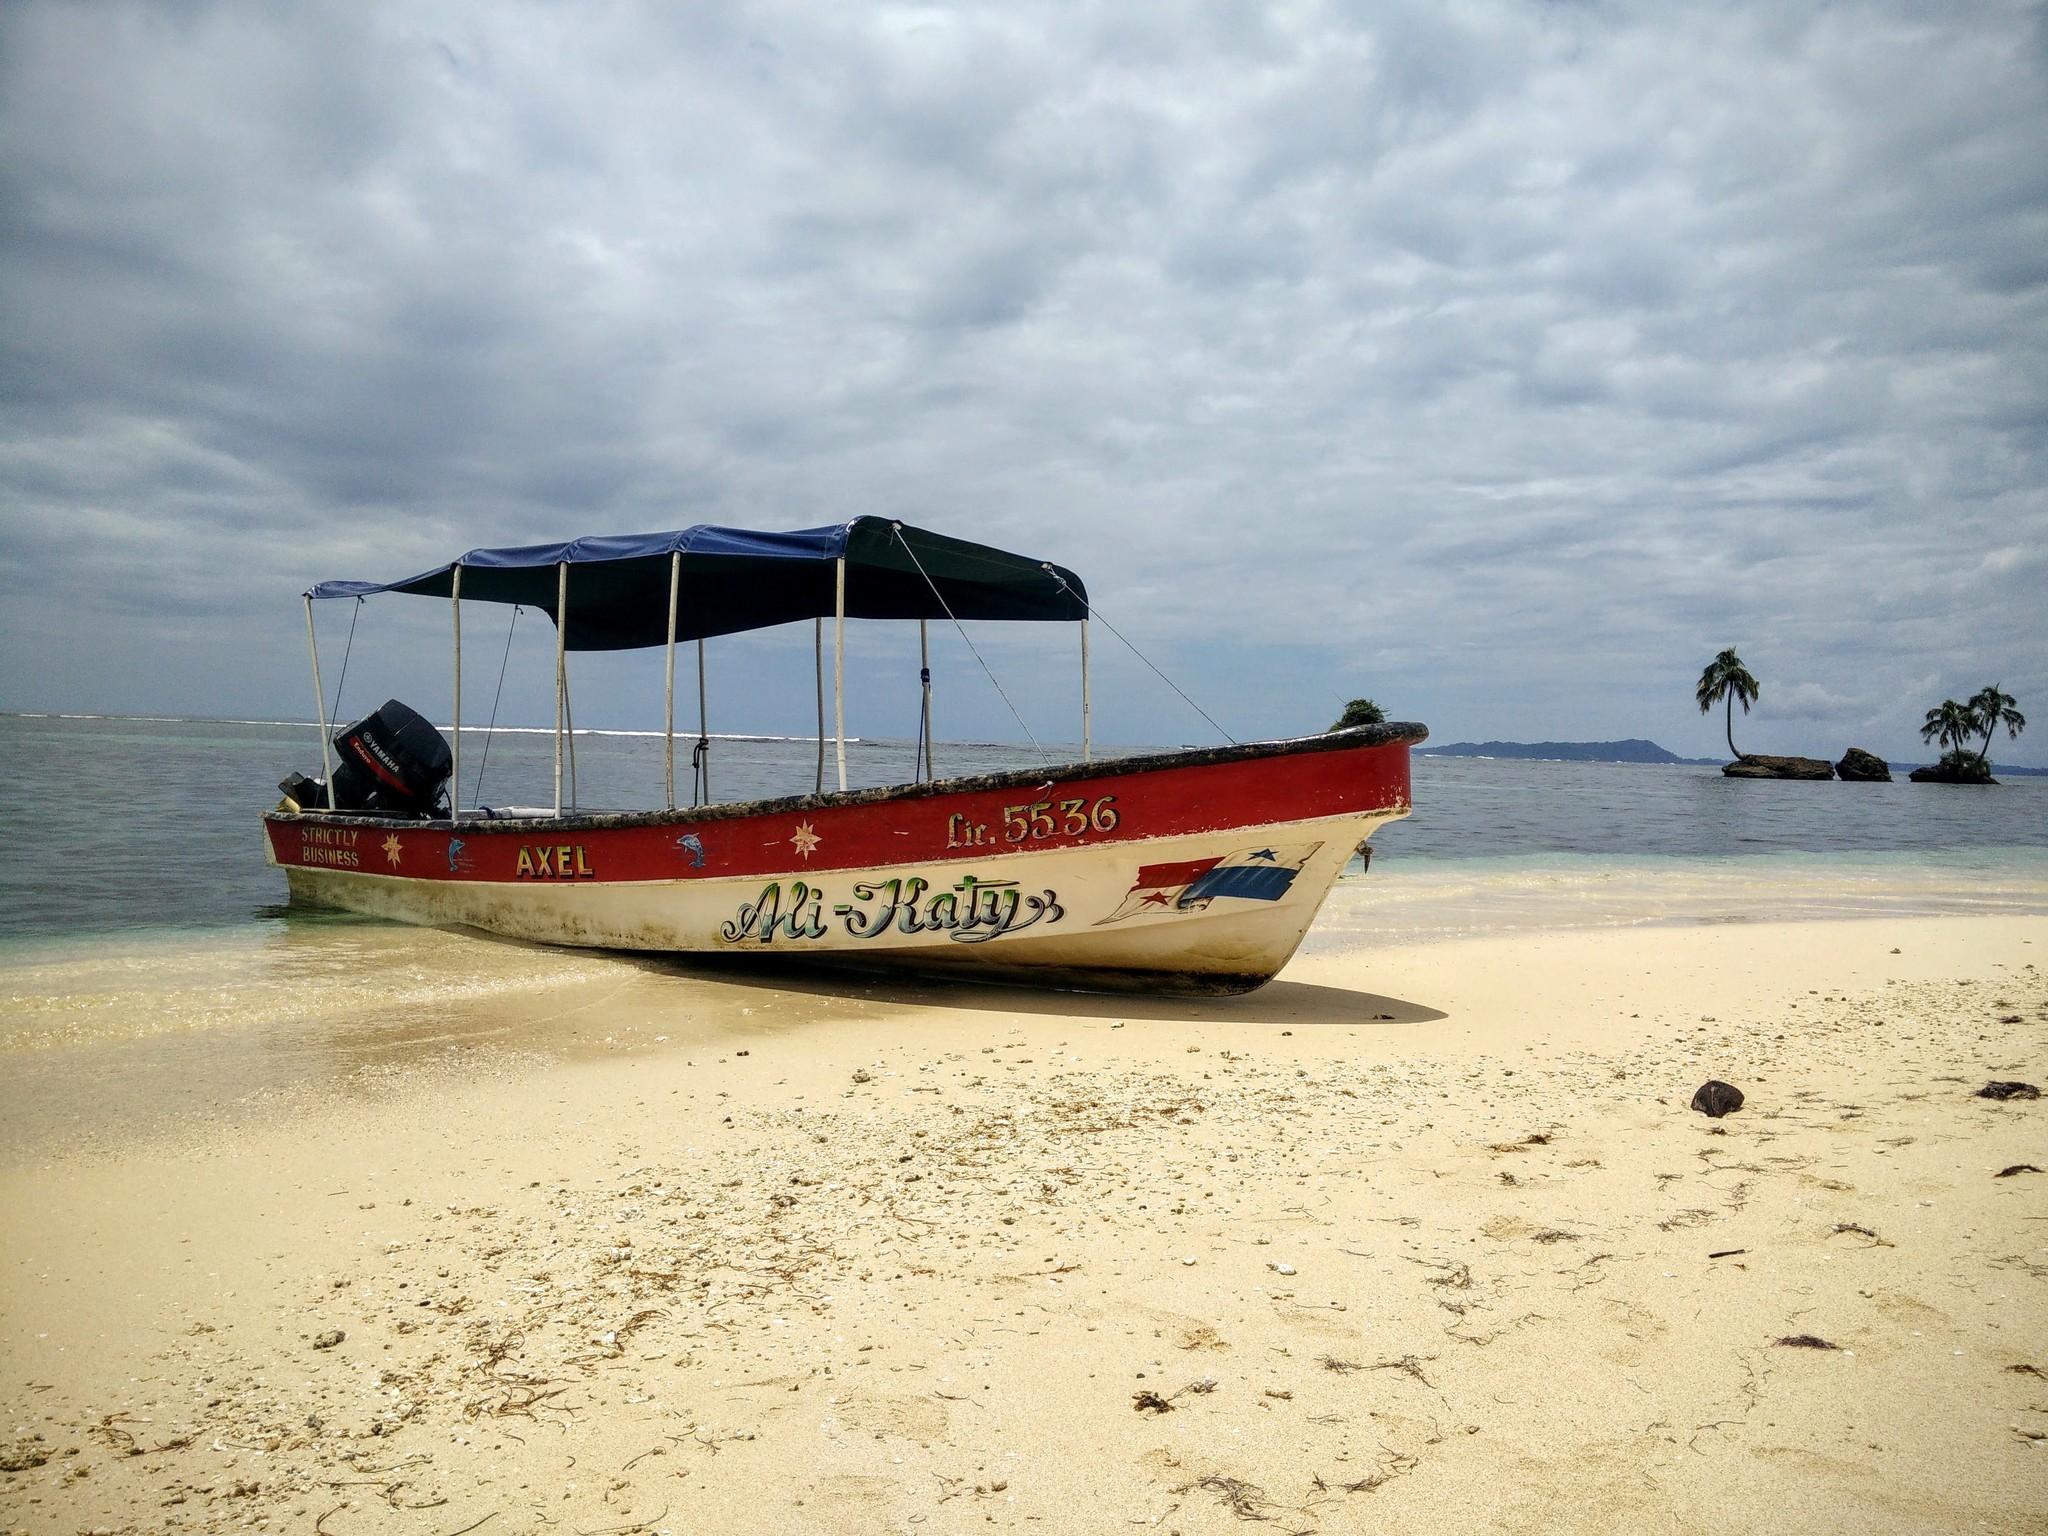 Útila, Honduras